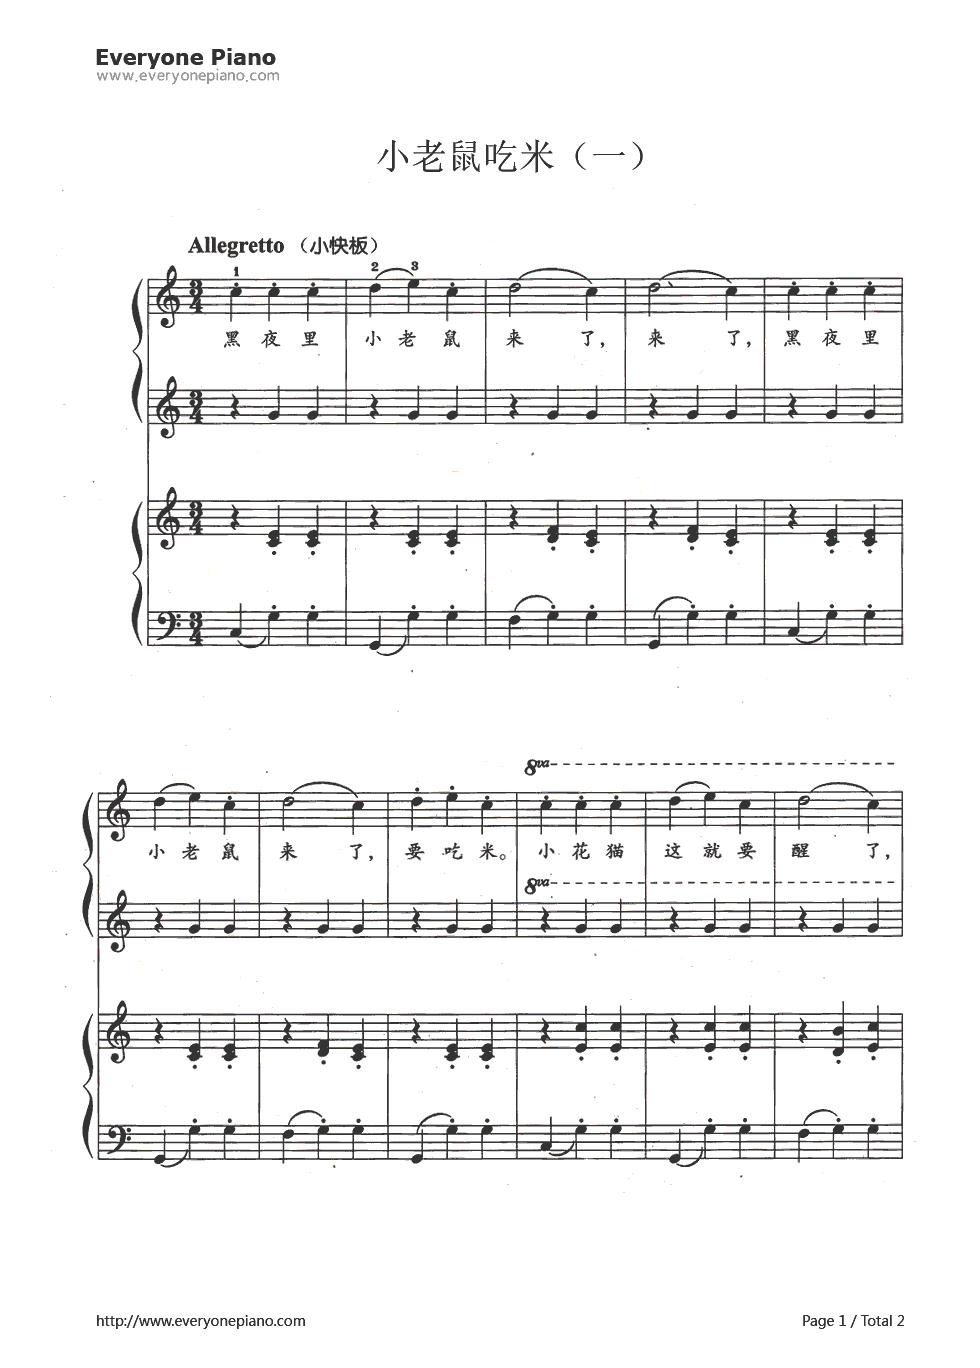 钢琴曲谱 练习曲 小老鼠吃米 小老鼠吃米五线谱预览1  }  仅供学习